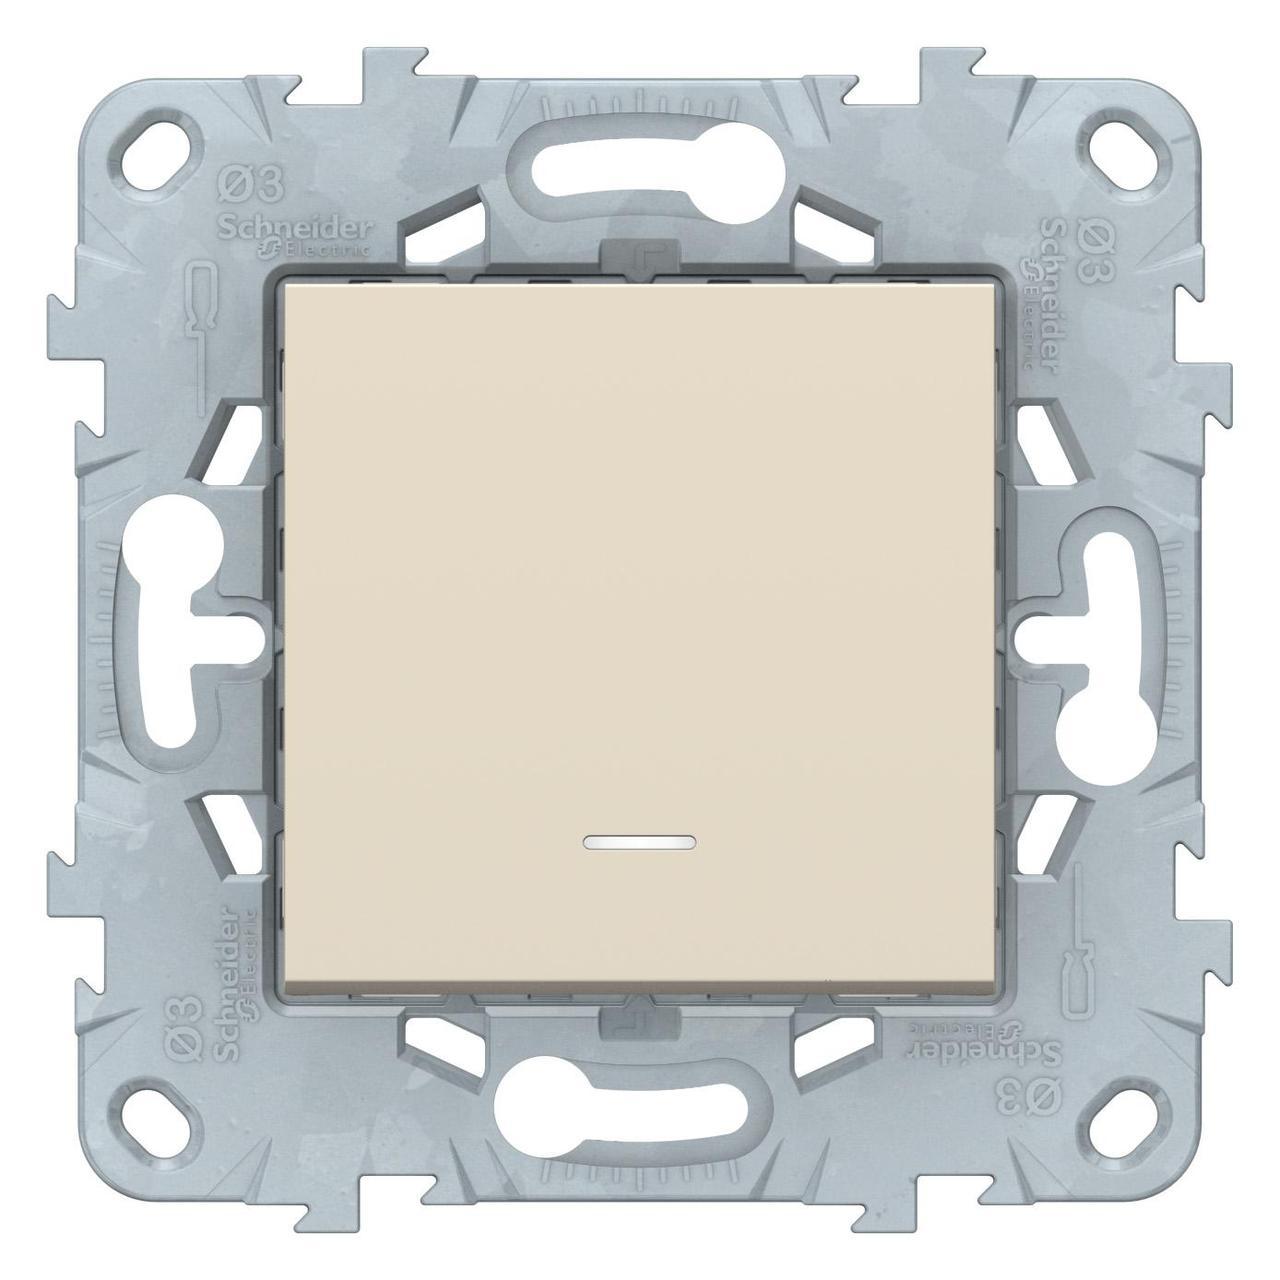 Выключатель 1-клавишный ,проходной с подсветкой (с двух мест) , Бежевый, серия Unica New, Schneider Electric